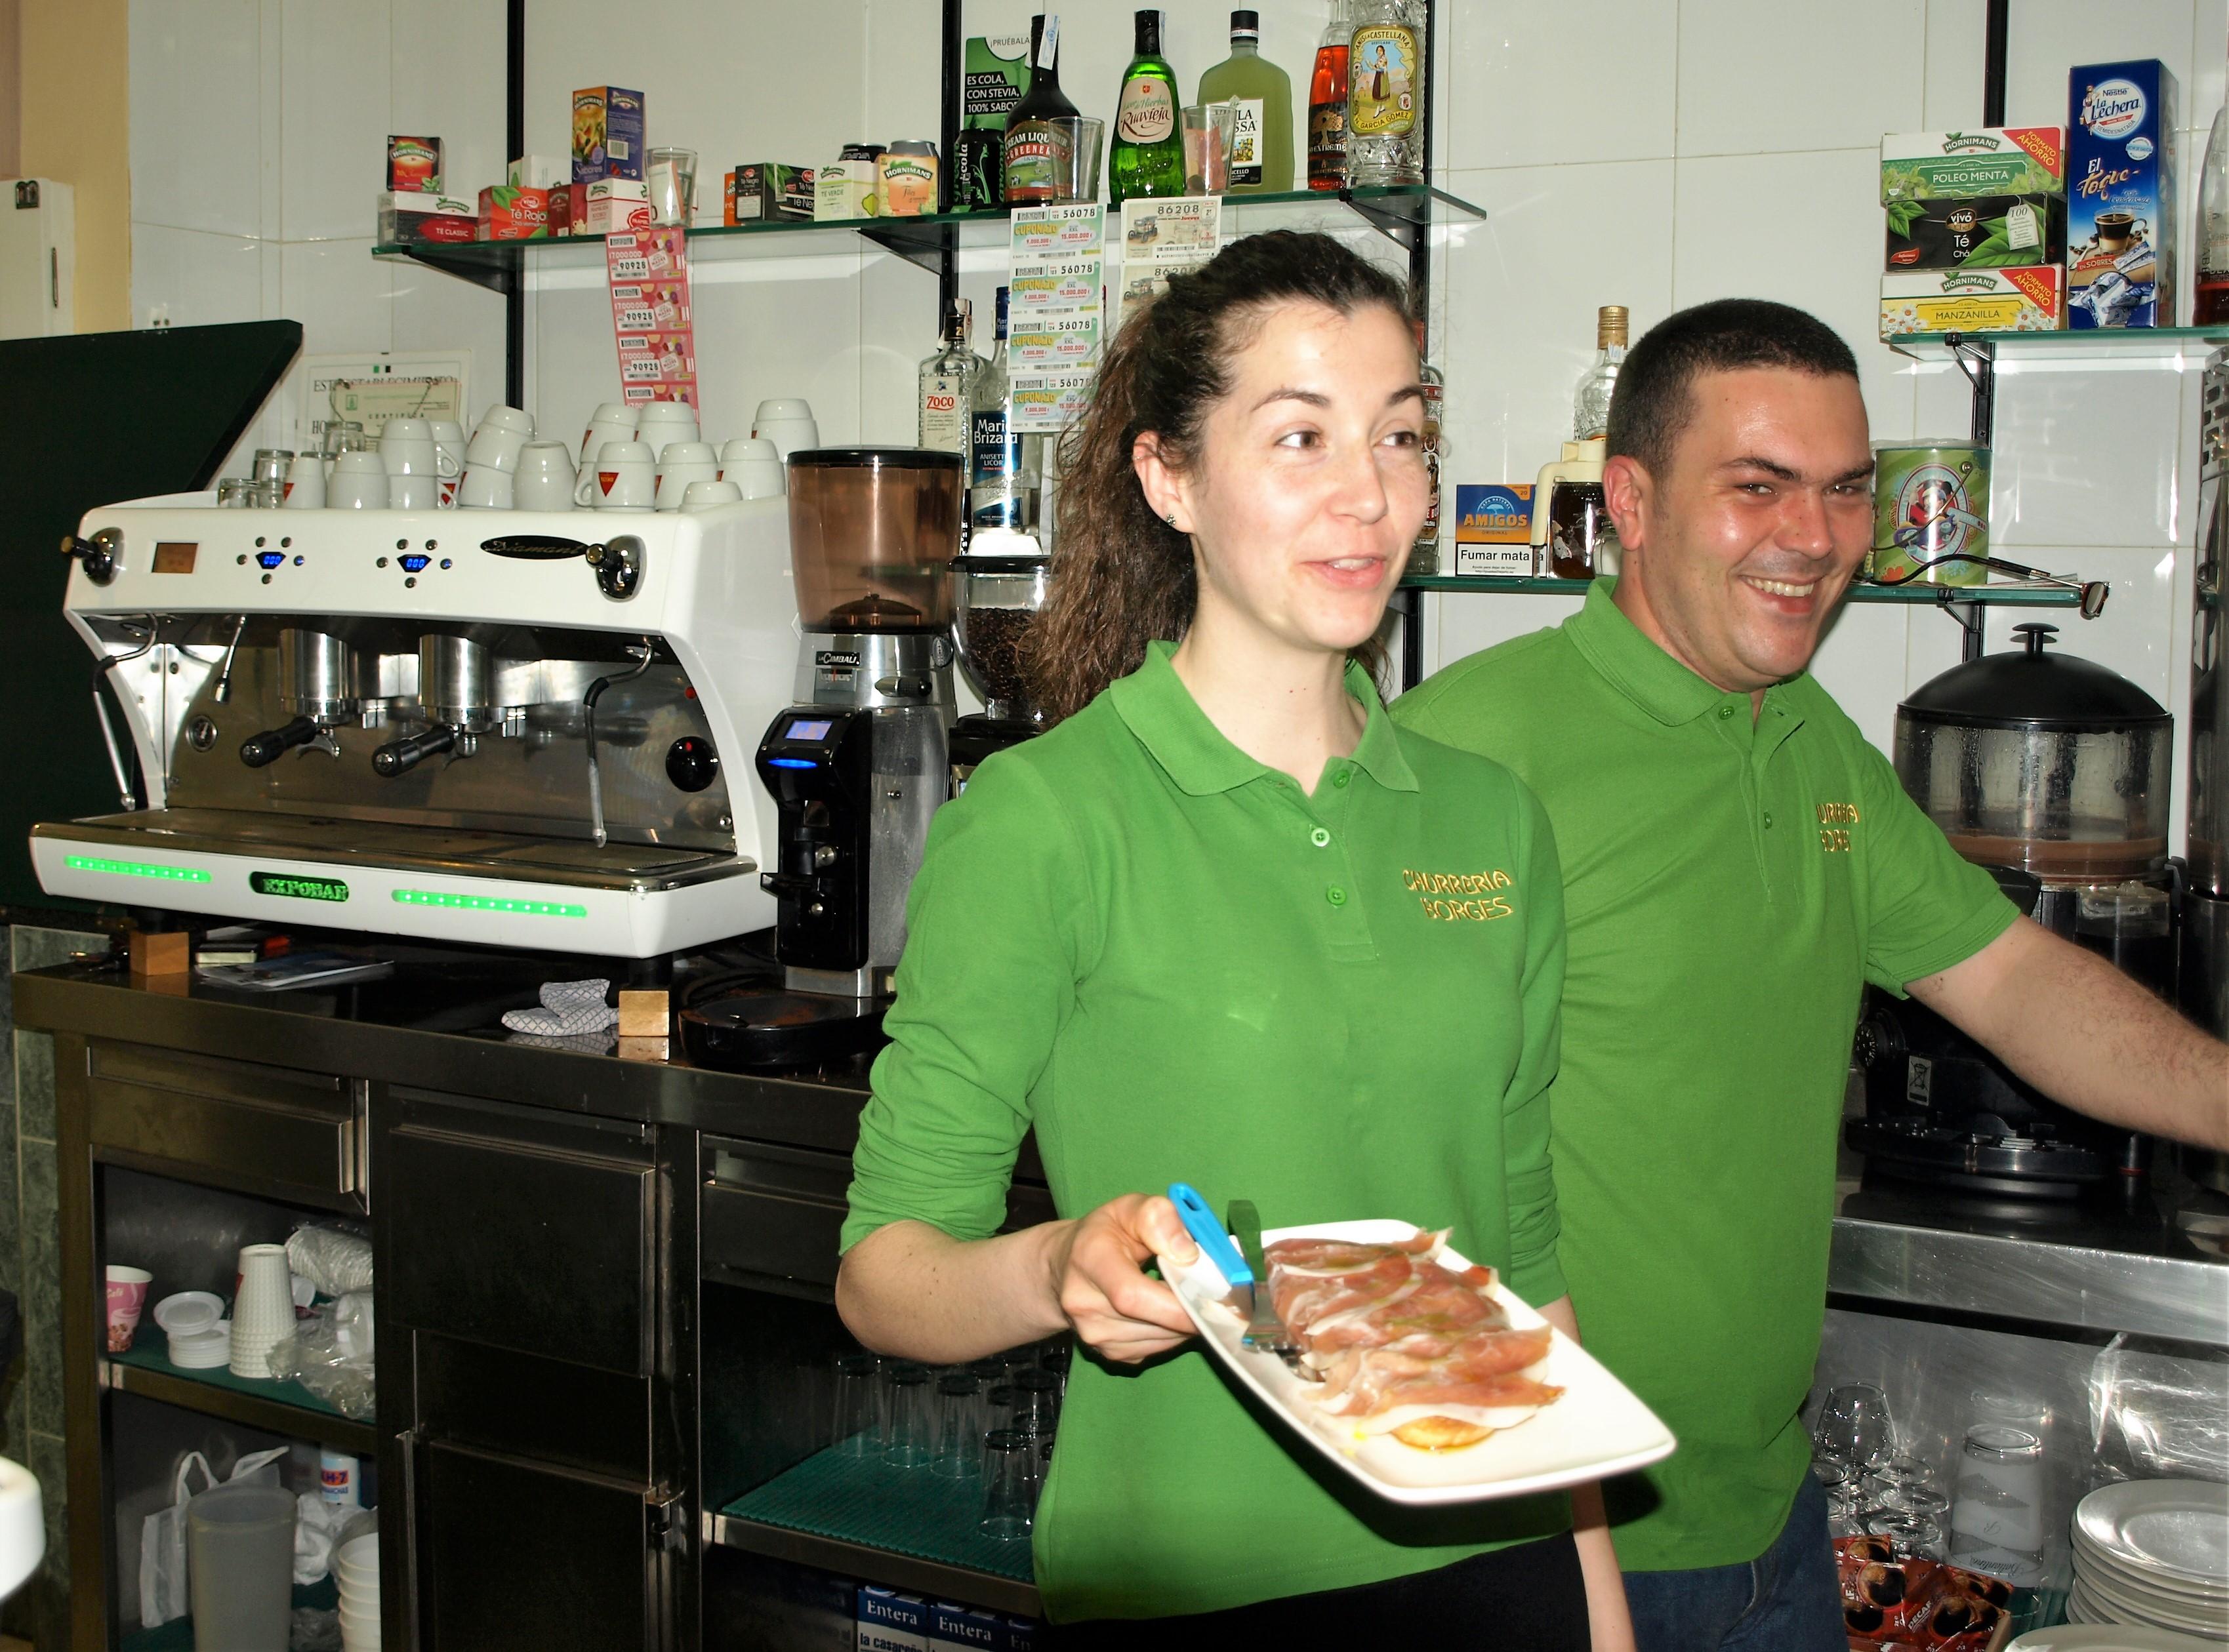 España churrería Casar de Cáceres Borges